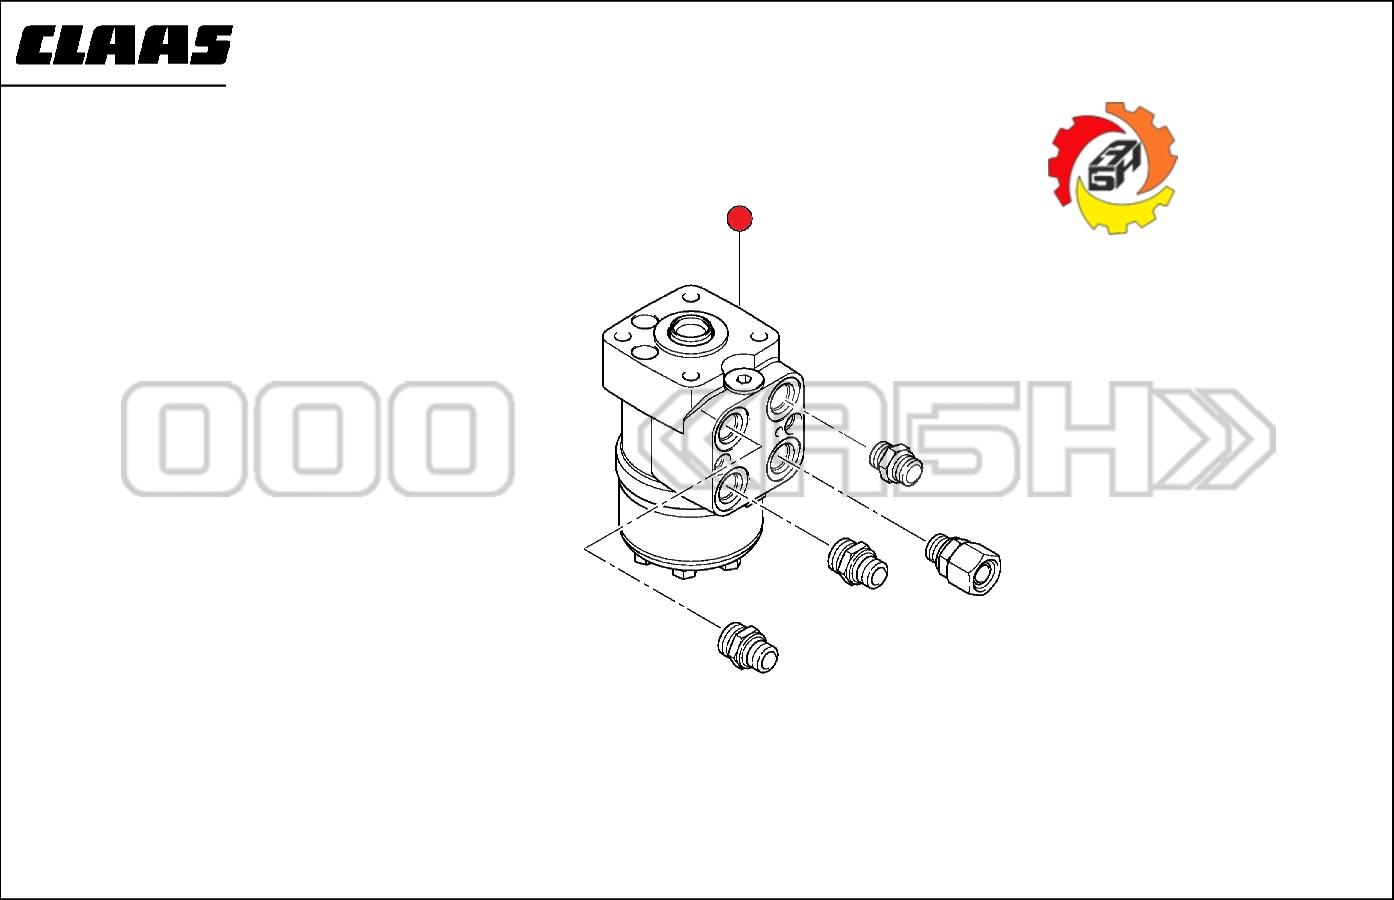 Узел управления (насос дозатор) Claas 0007477900 (7477900, 747790.0) (0007477900 / 7477900 / 747790.0)